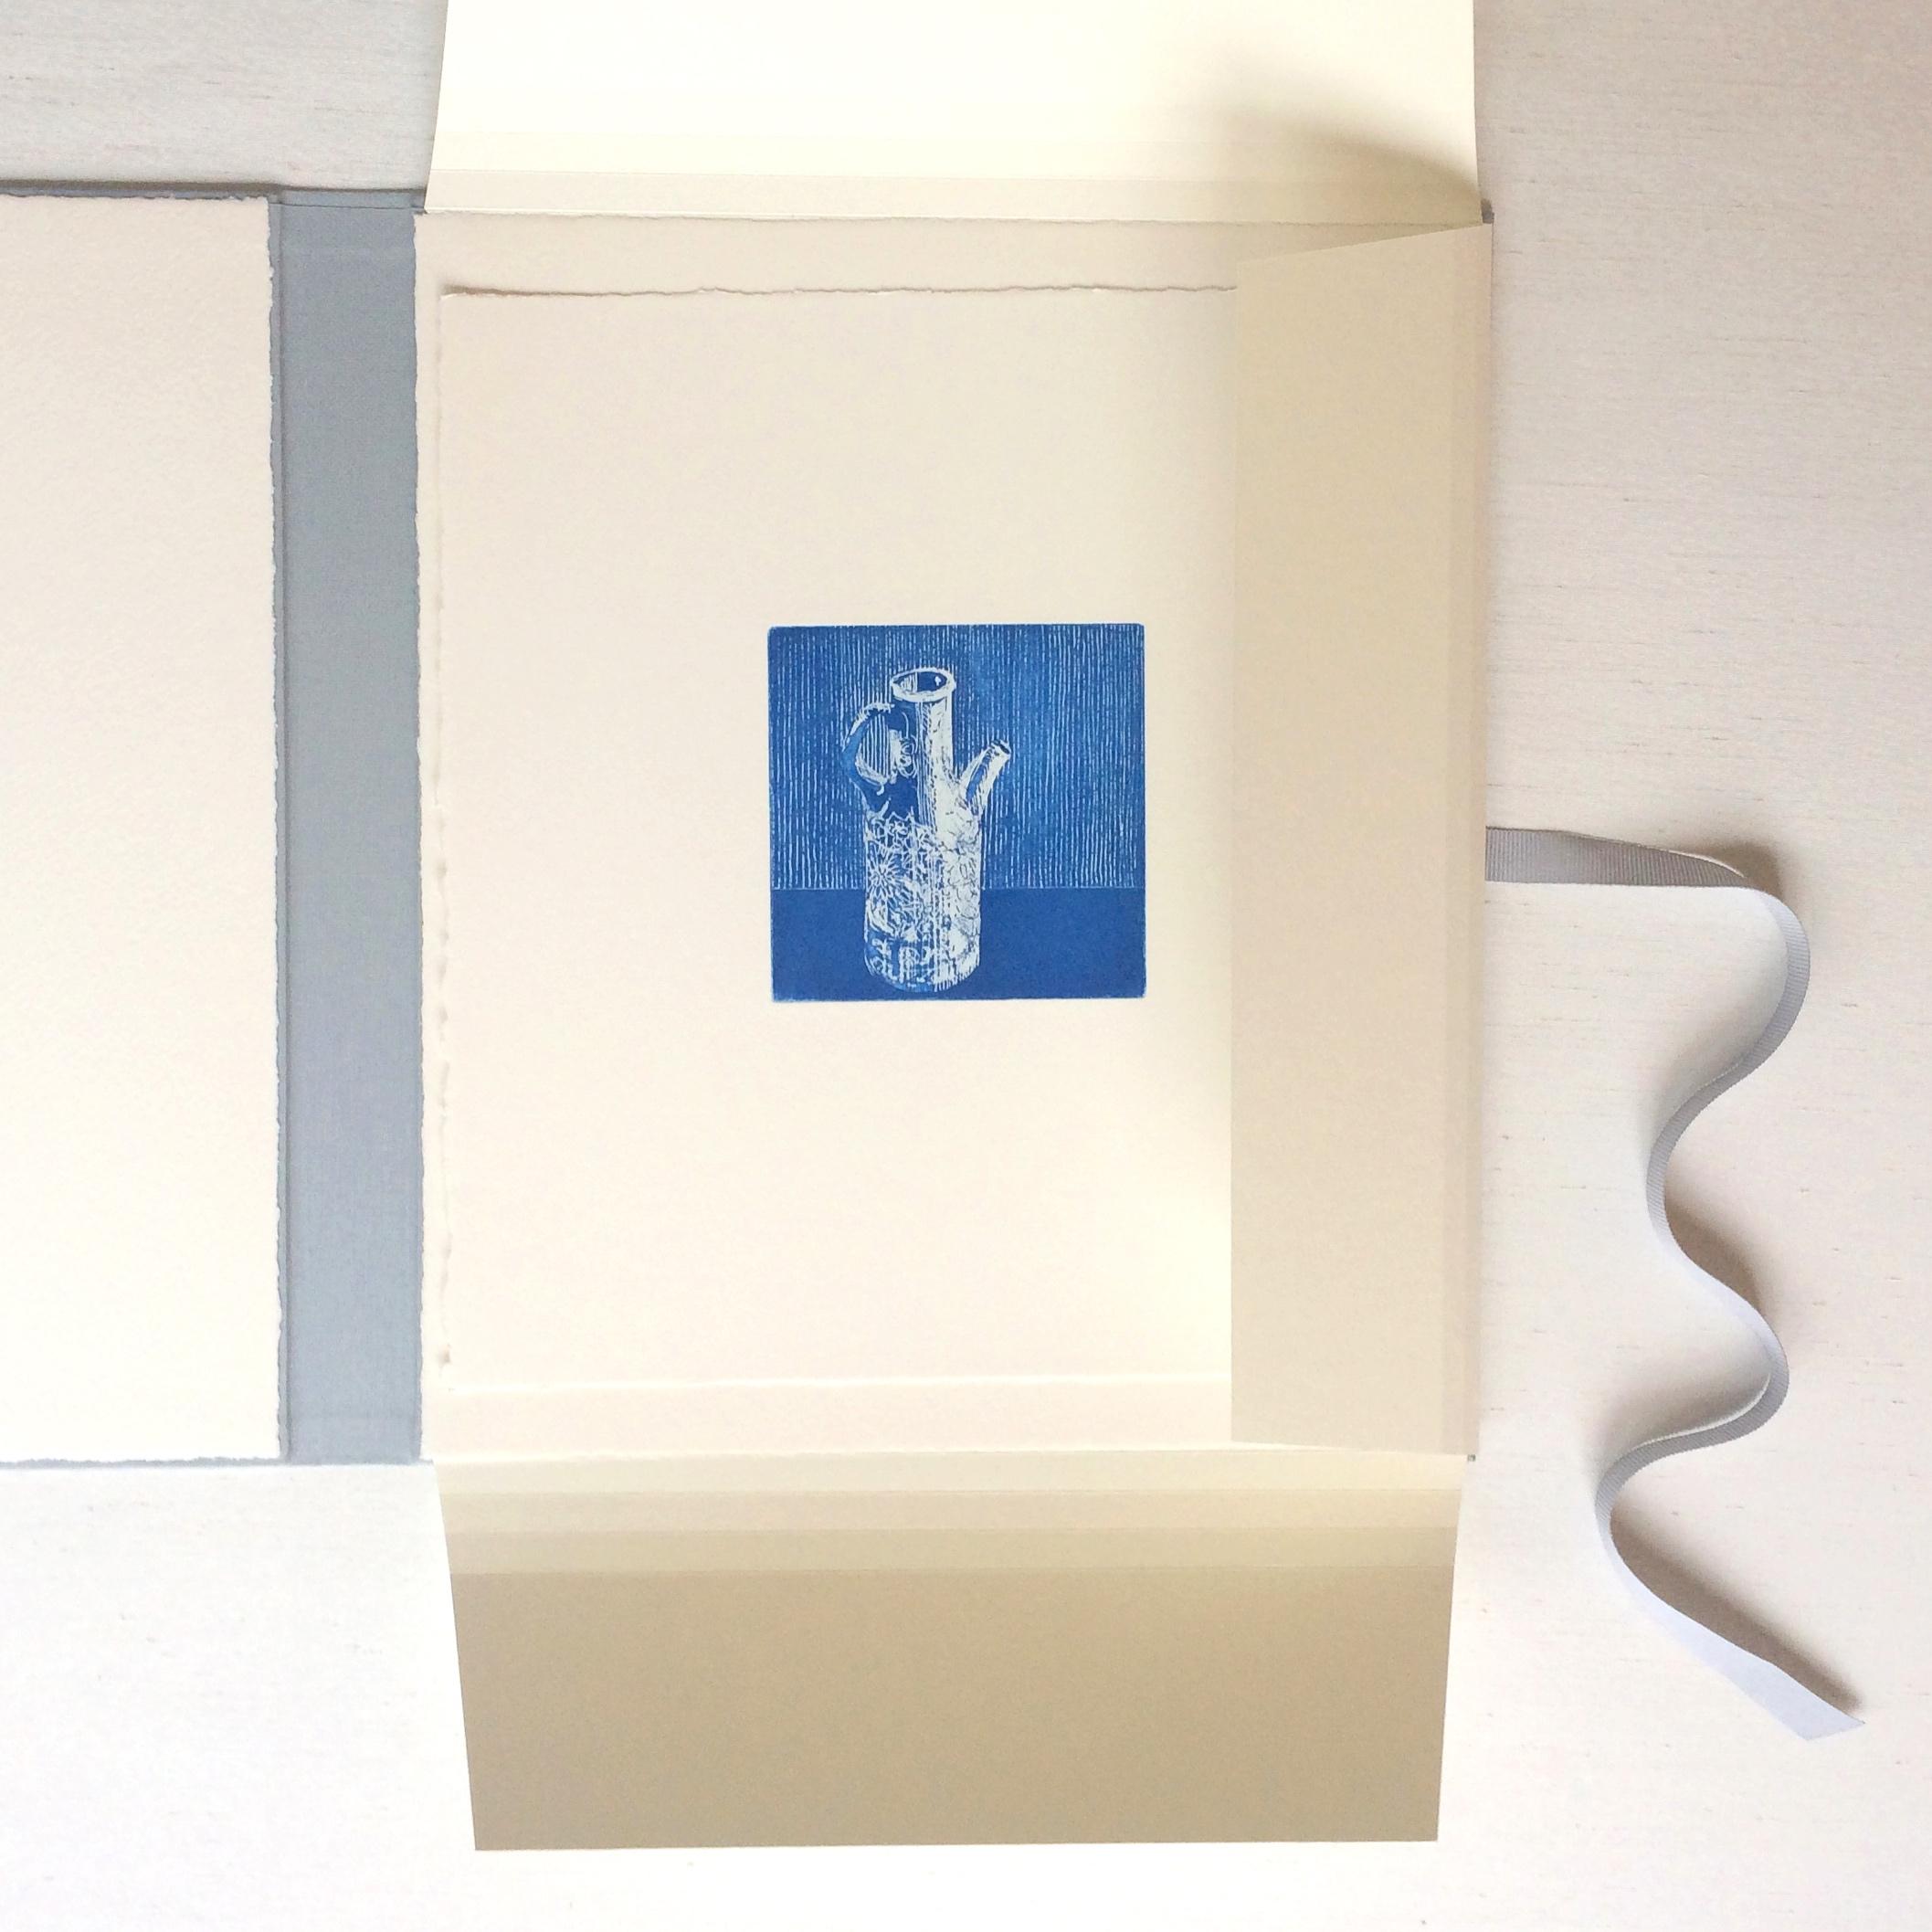 Original print inside handmade portfolio for exhibition